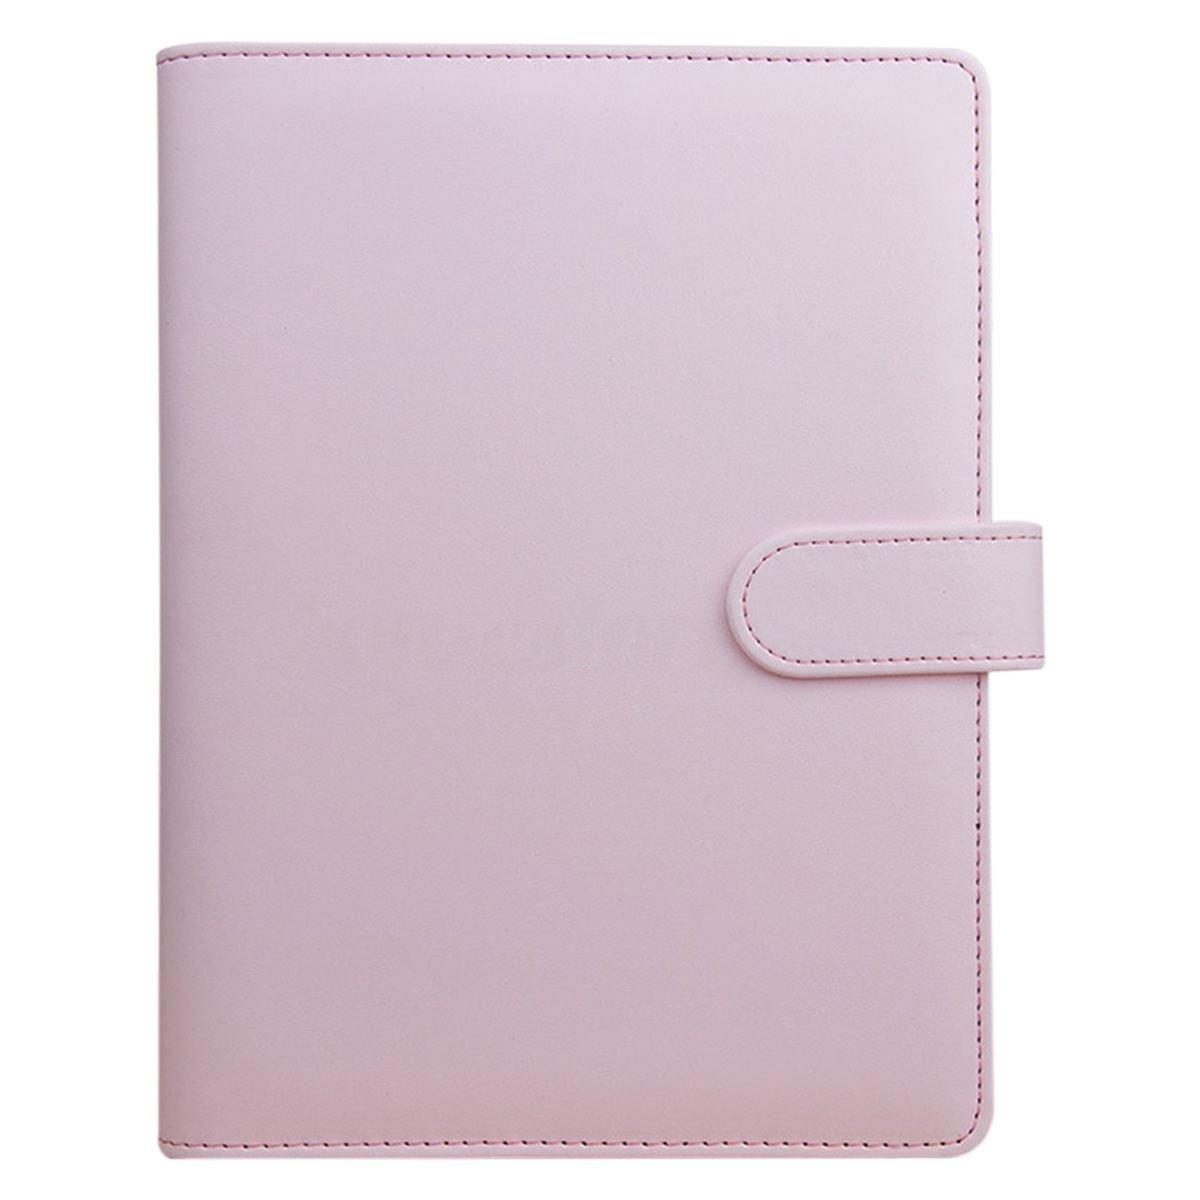 TOOGOO A5 Agenda mensile mensile per pianificatore Portafoglio classico per quaderno a fogli mobili, rosa